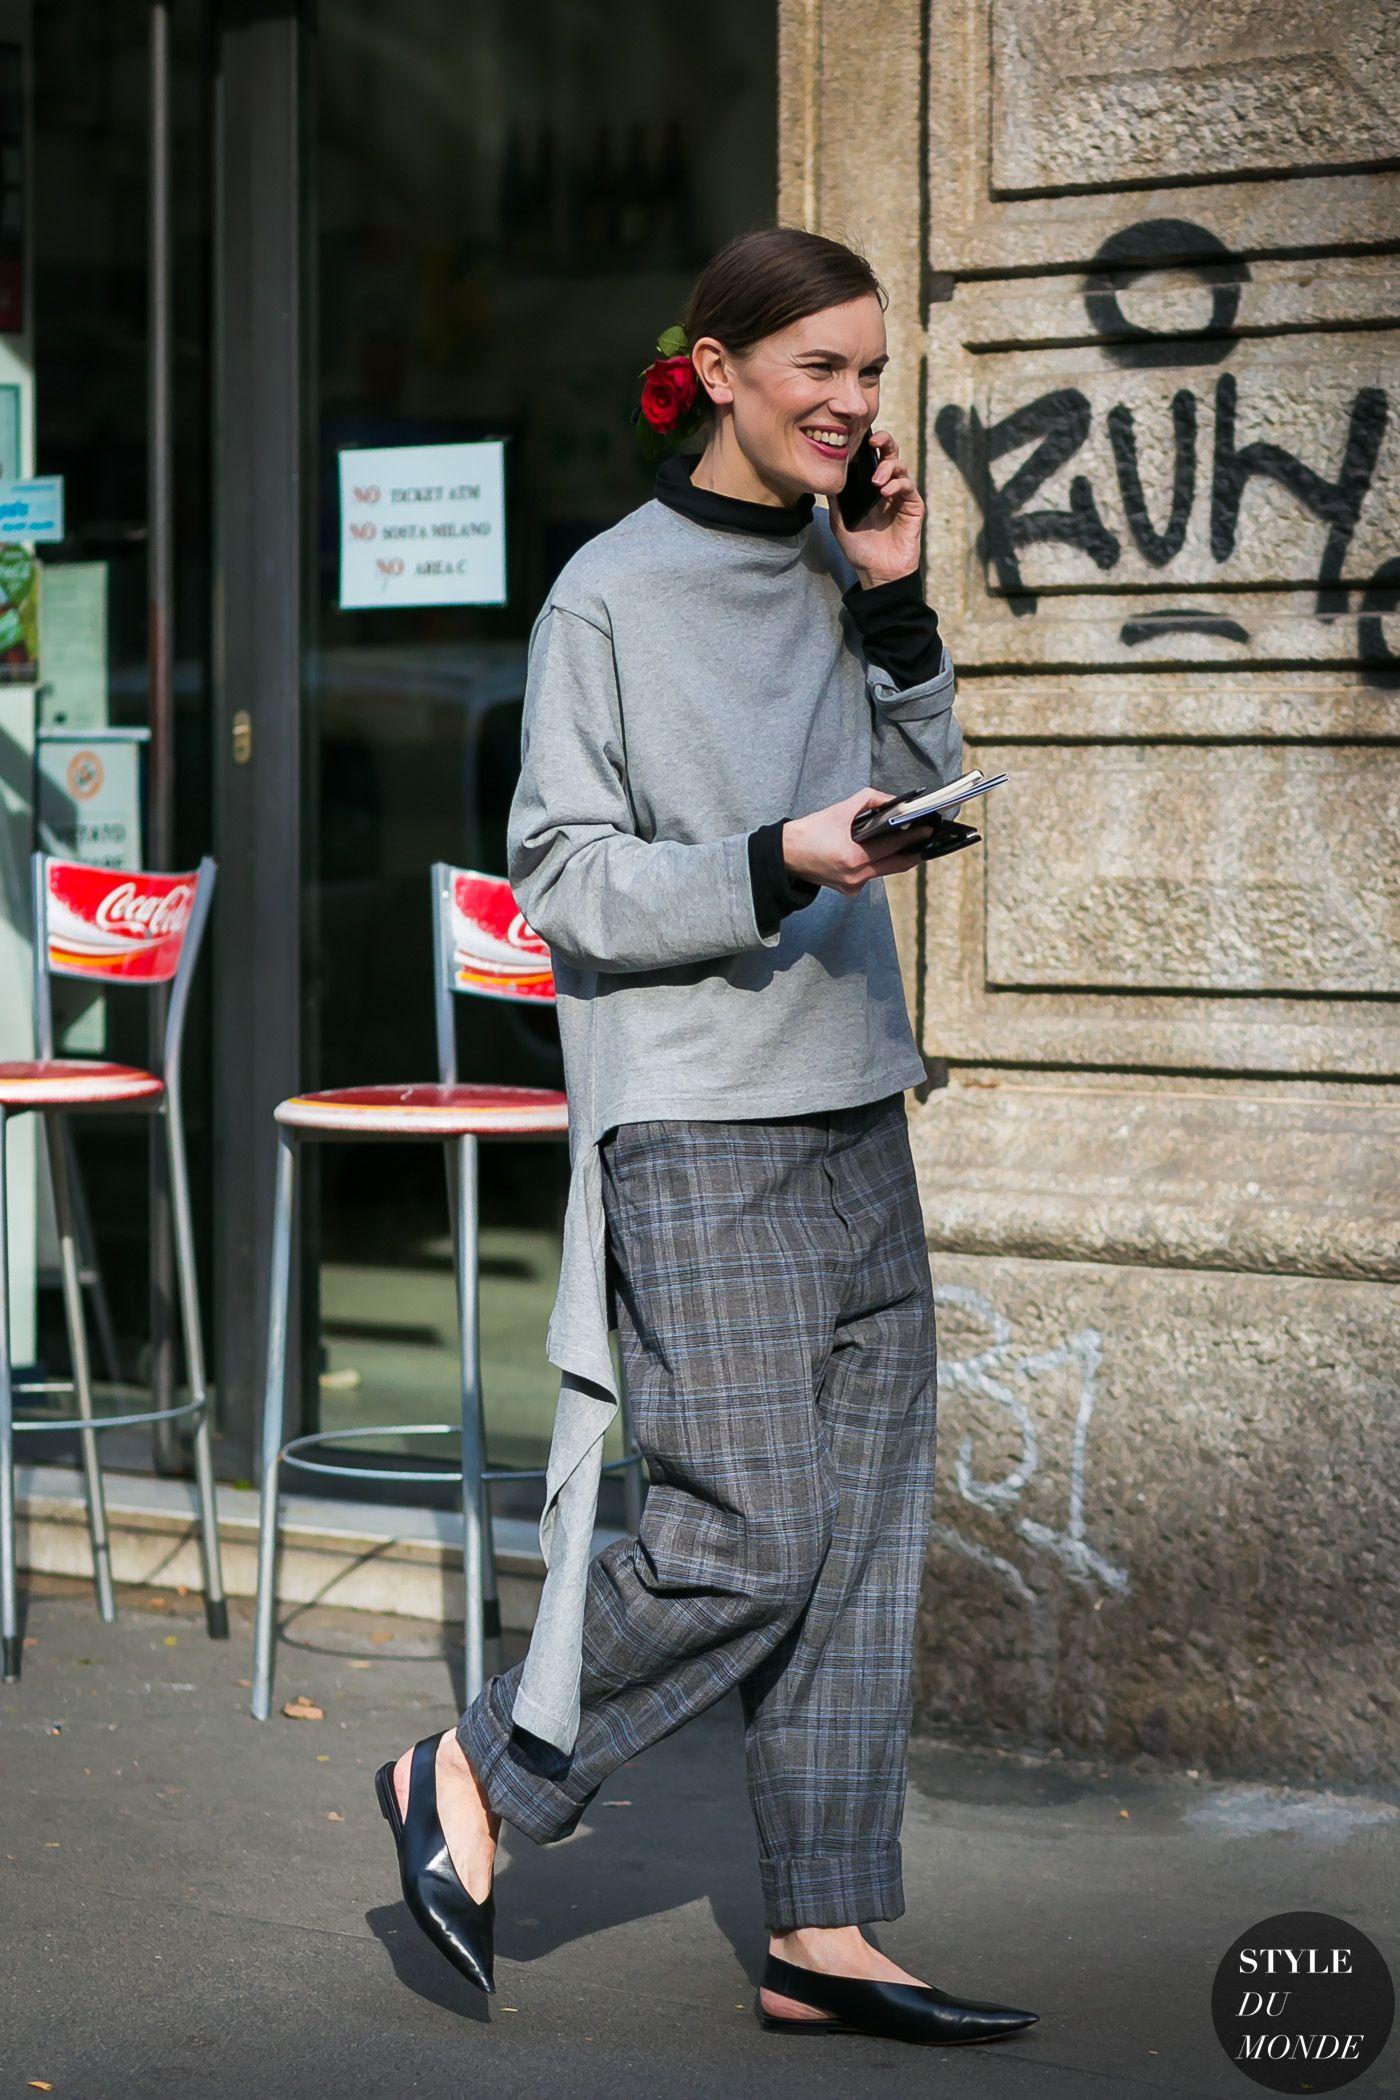 Jersey ancho gris con pantalón de cuadros gris y bailarinas de punta de Balenciaga. Y no hace falta mucho más para llevar un look genial todo el día.